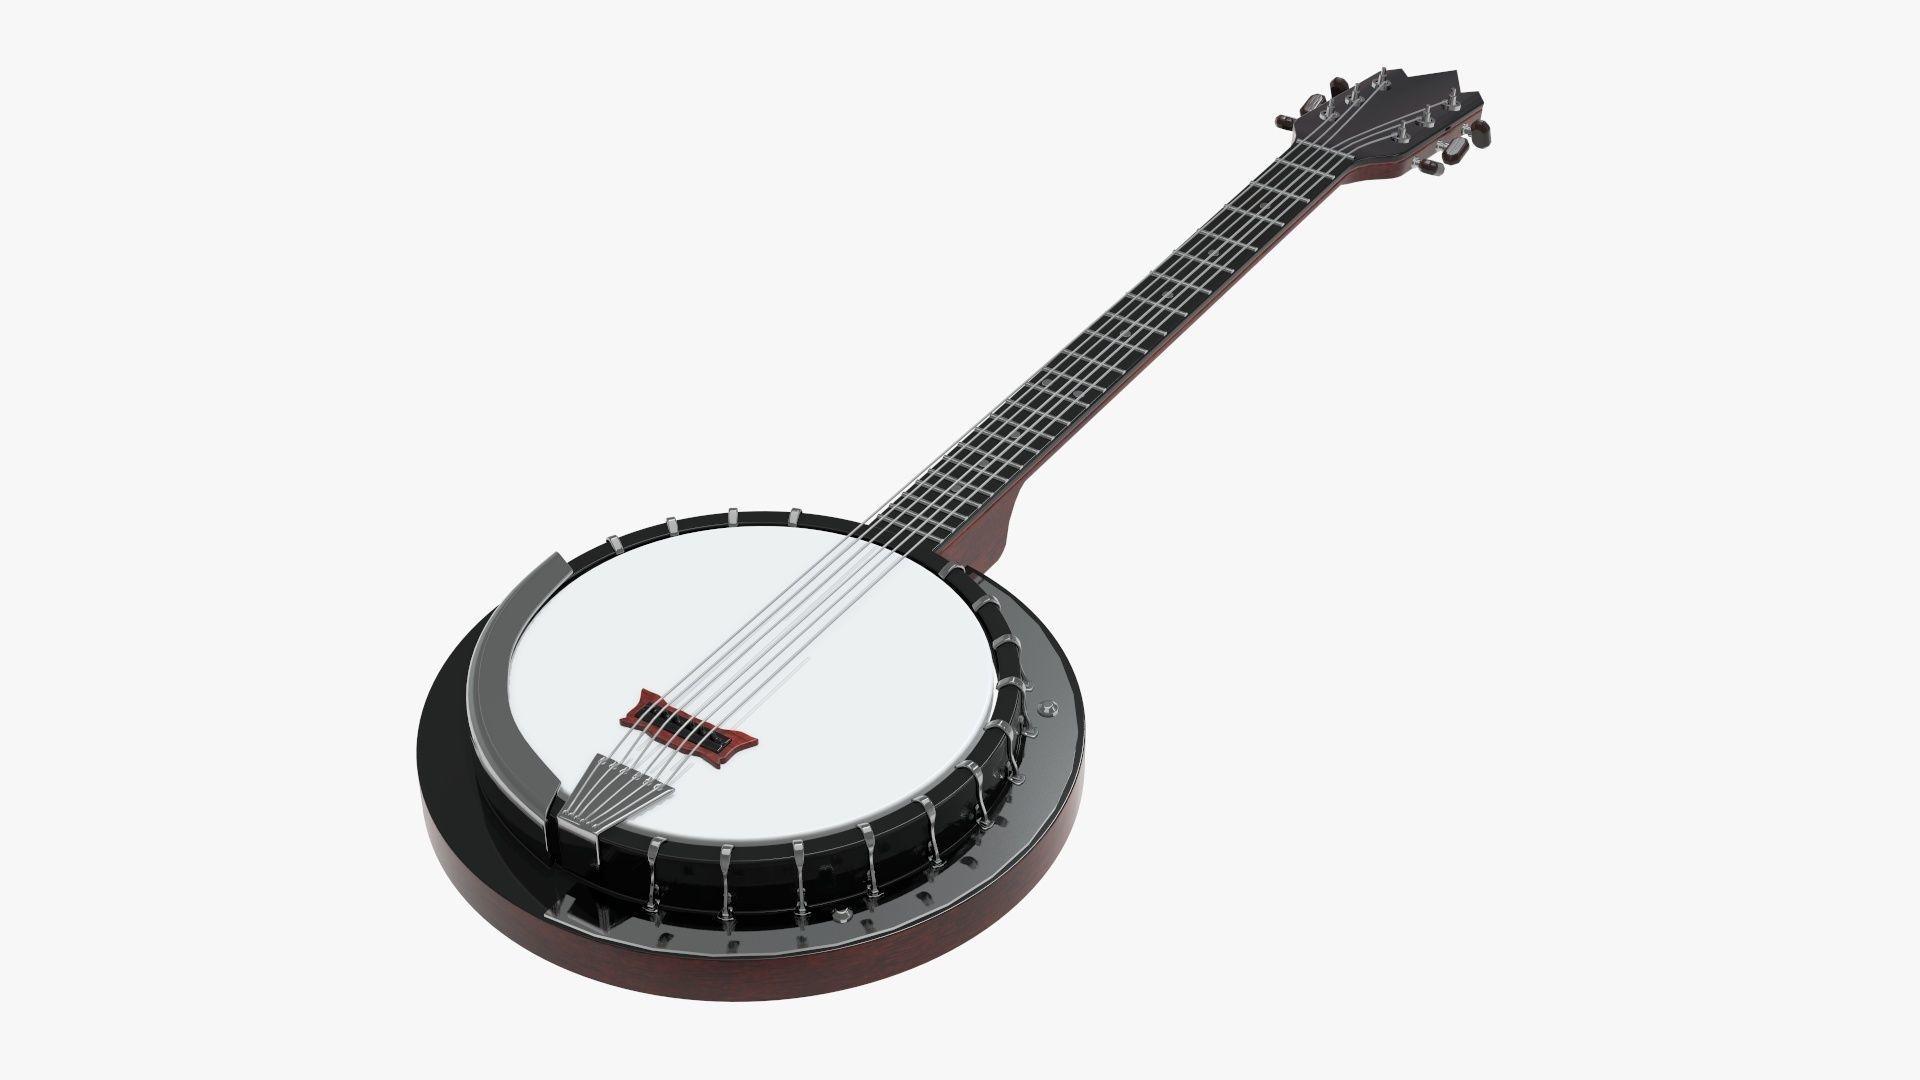 Banjo stringed musical instrument